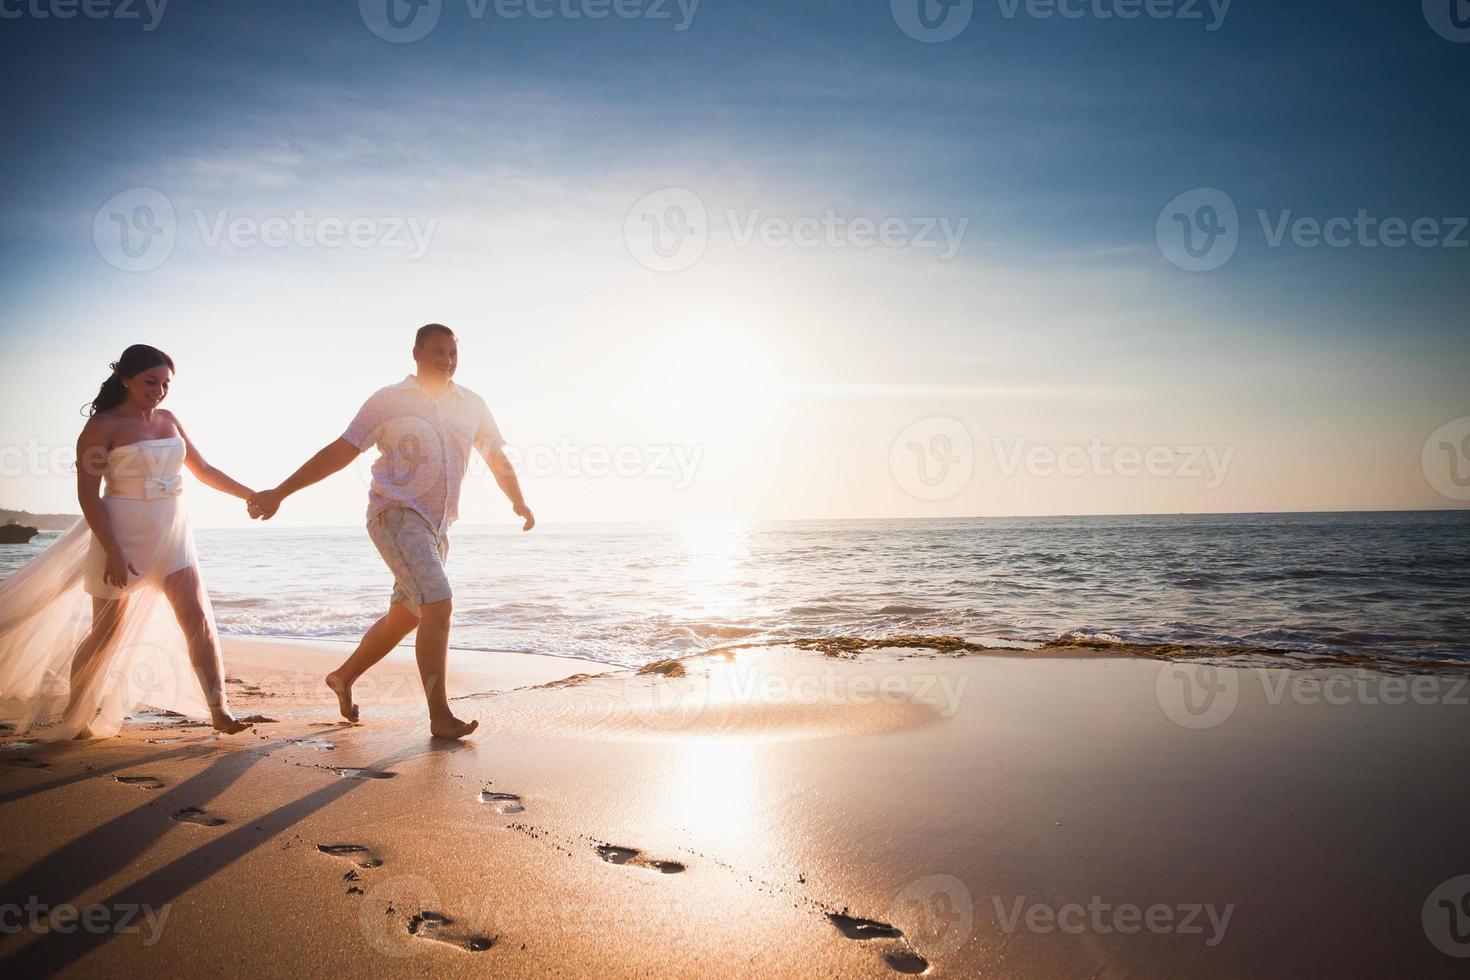 Hochzeitsreisende Ehepaar gerade geheiratet am Strand laufen foto